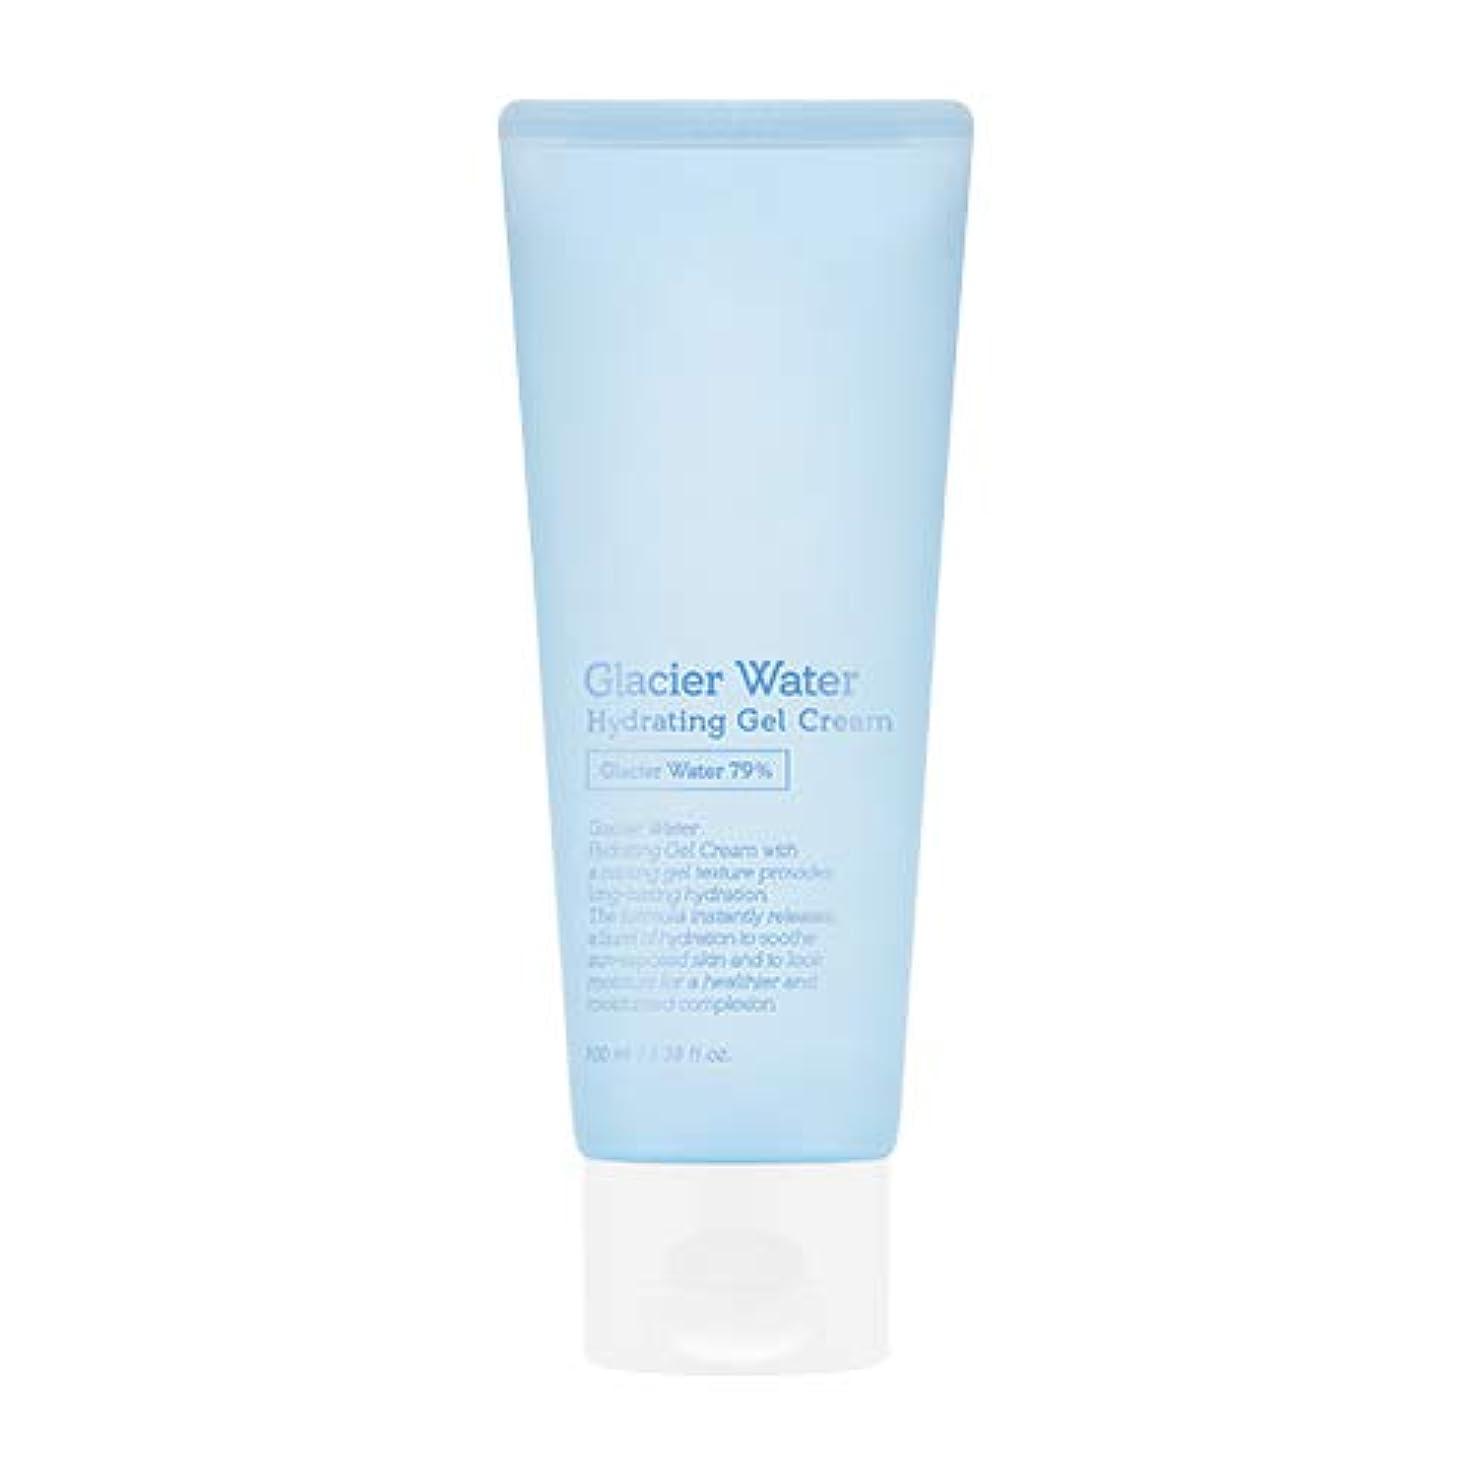 巻き取り確認摂氏度アピュ 氷河水 ハイドレーティングゲルクリーム [大容量] / A'PIEU Glacier Water Hydrating Gel Cream 100ml [並行輸入品]